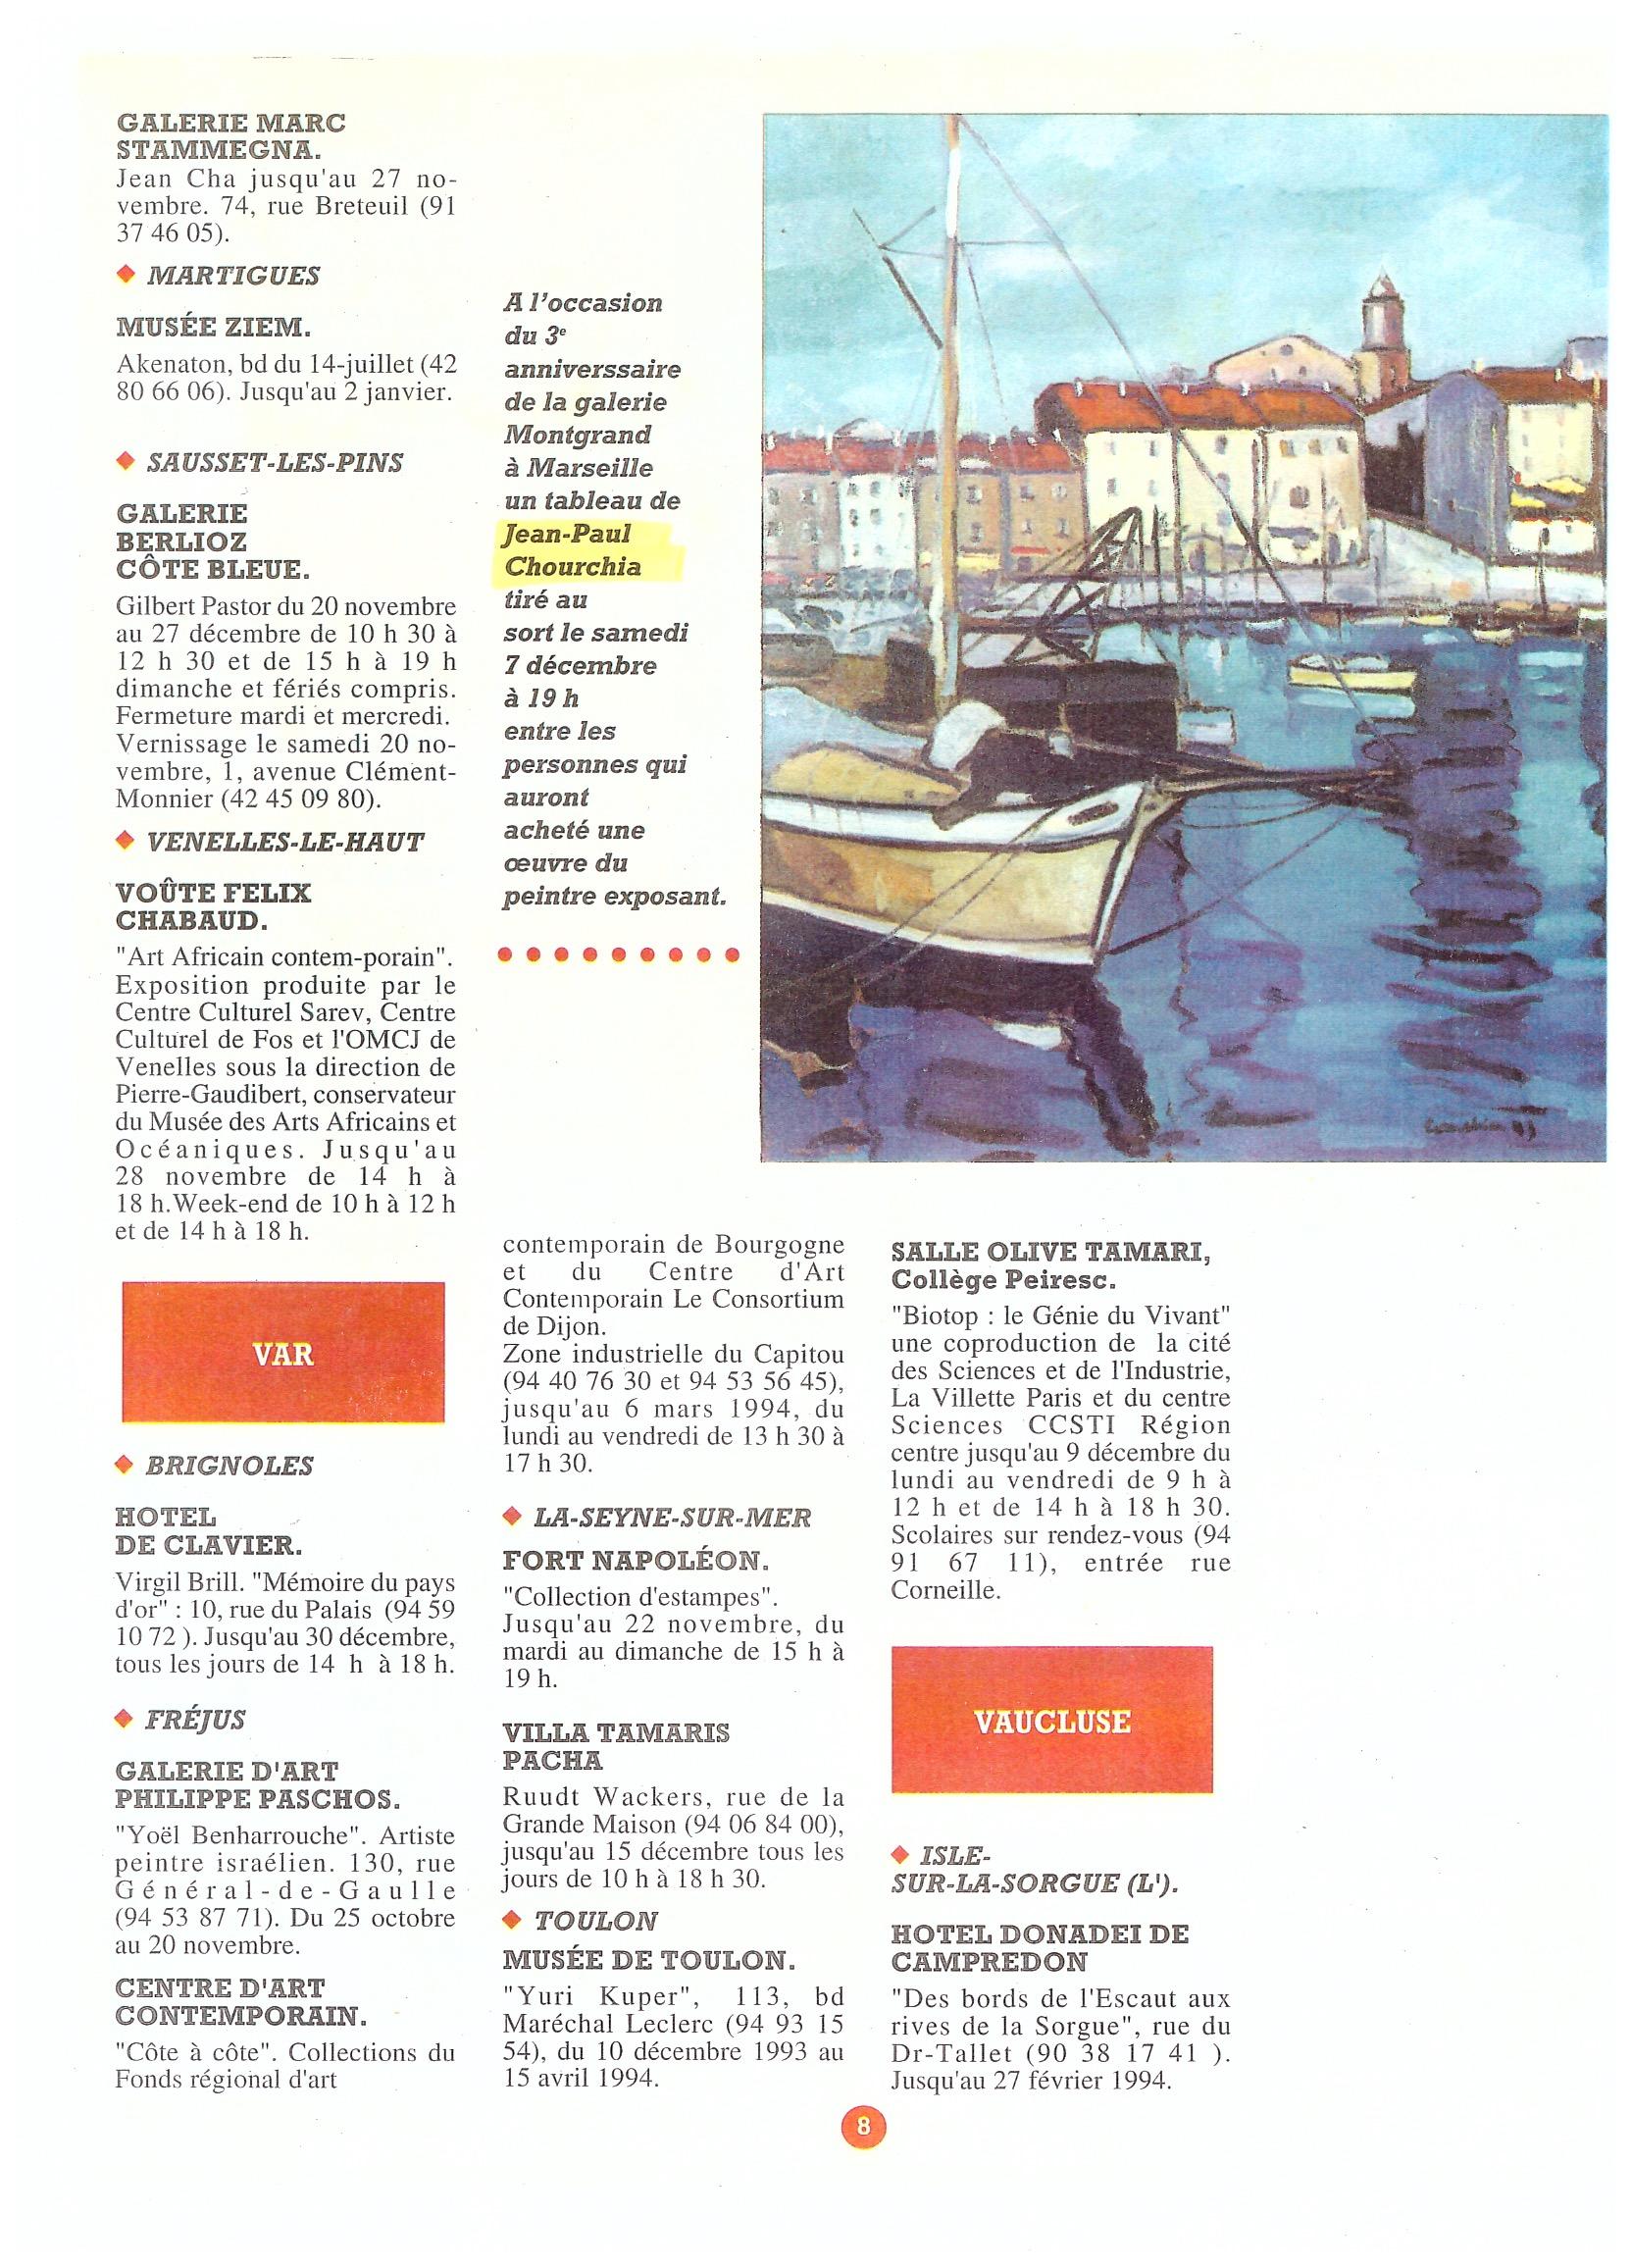 1993 EXPO A JOUVENE